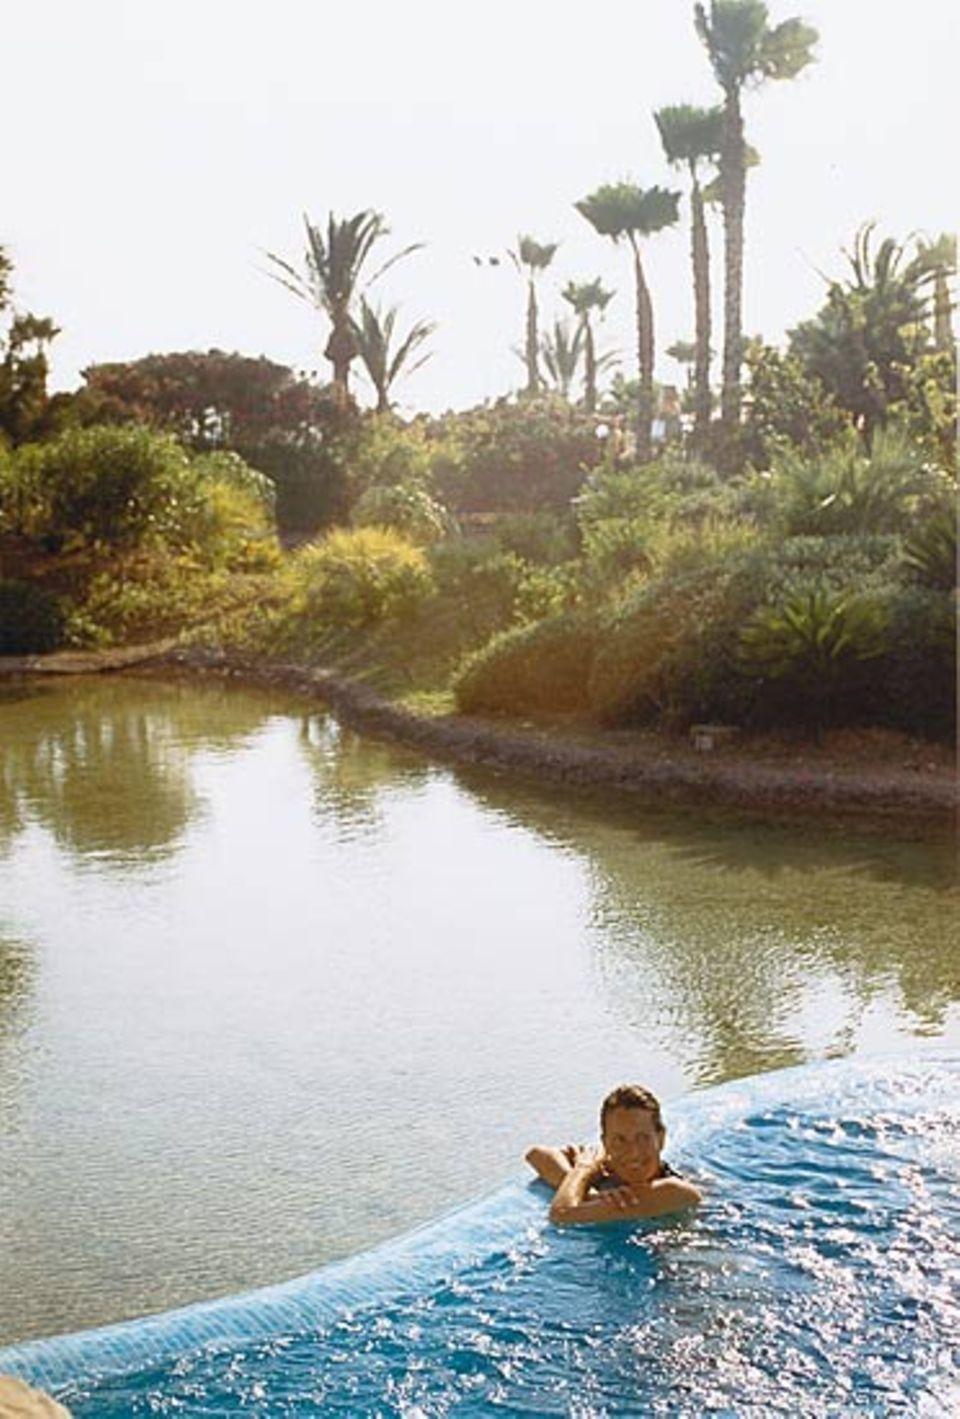 Entspannung und Erholung unter zyprischen Palmen: Das Kind ist versorgt, die Mutter genießt das Bad im Thalassobecken